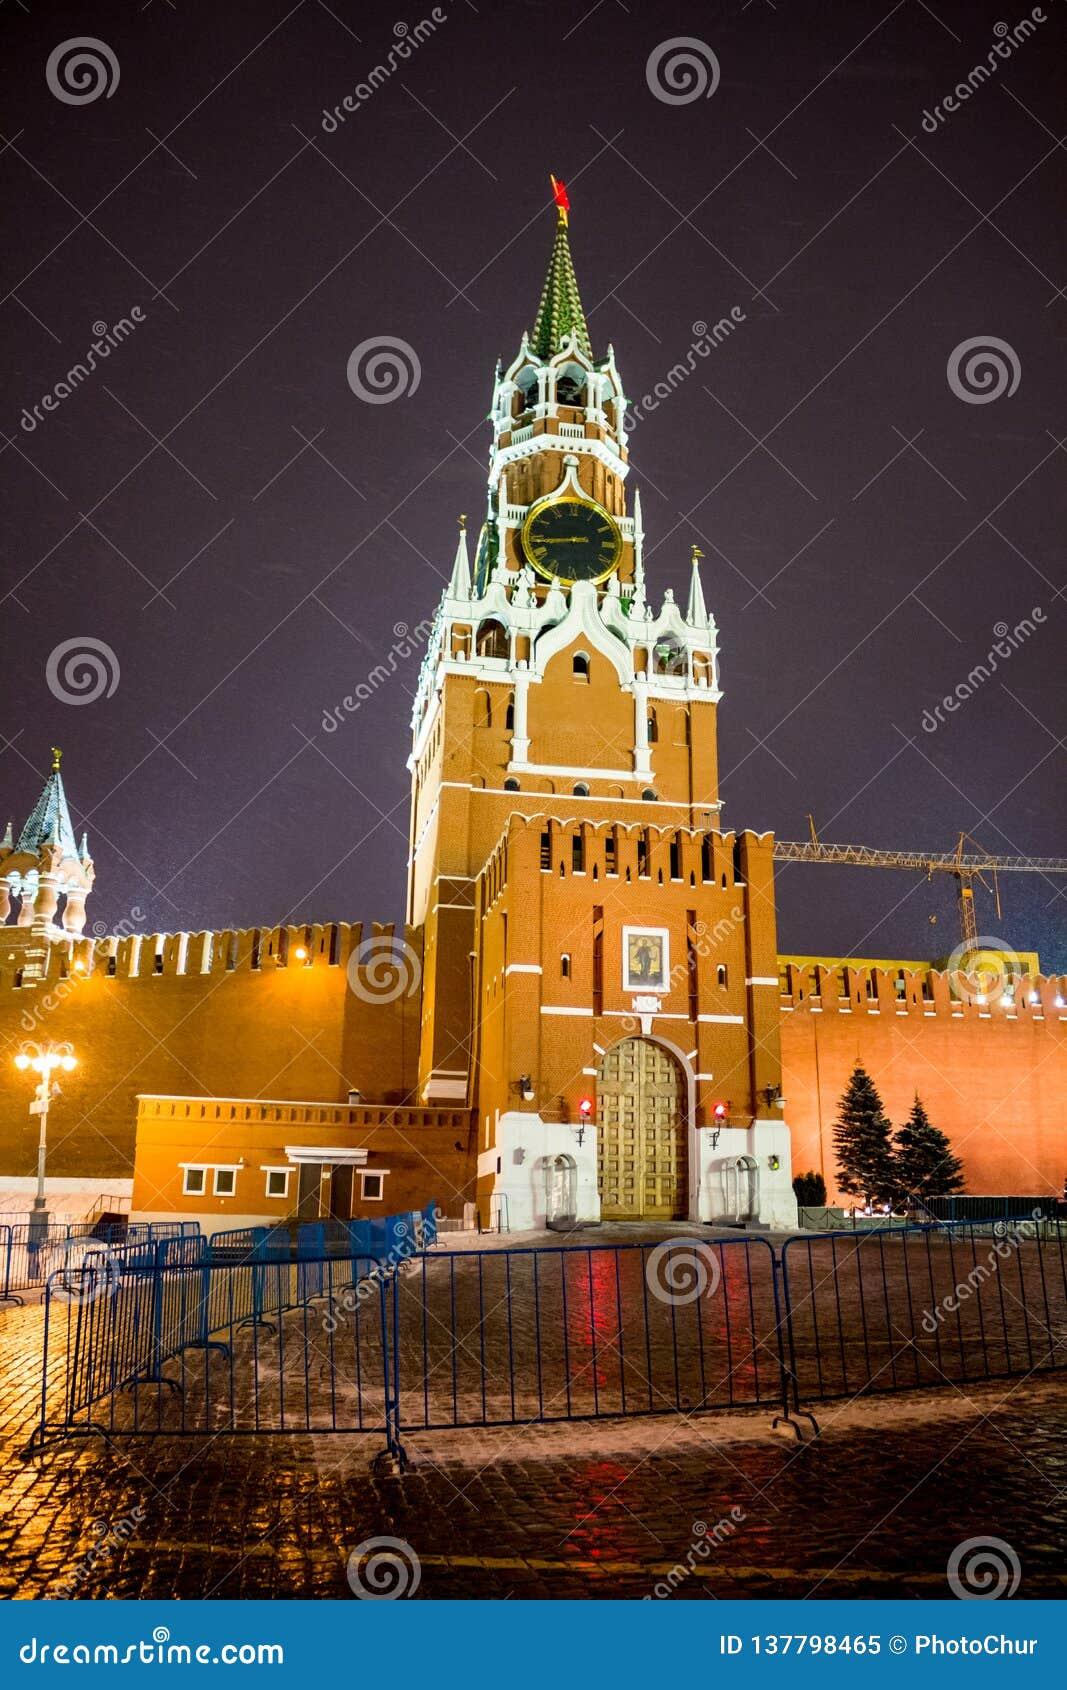 MOSCOU, RÚSSIA - 7 DE JANEIRO DE 2016: Bashnya de Spasskaya da torre de Spassky do Kremlin de Moscou no dia de Natal